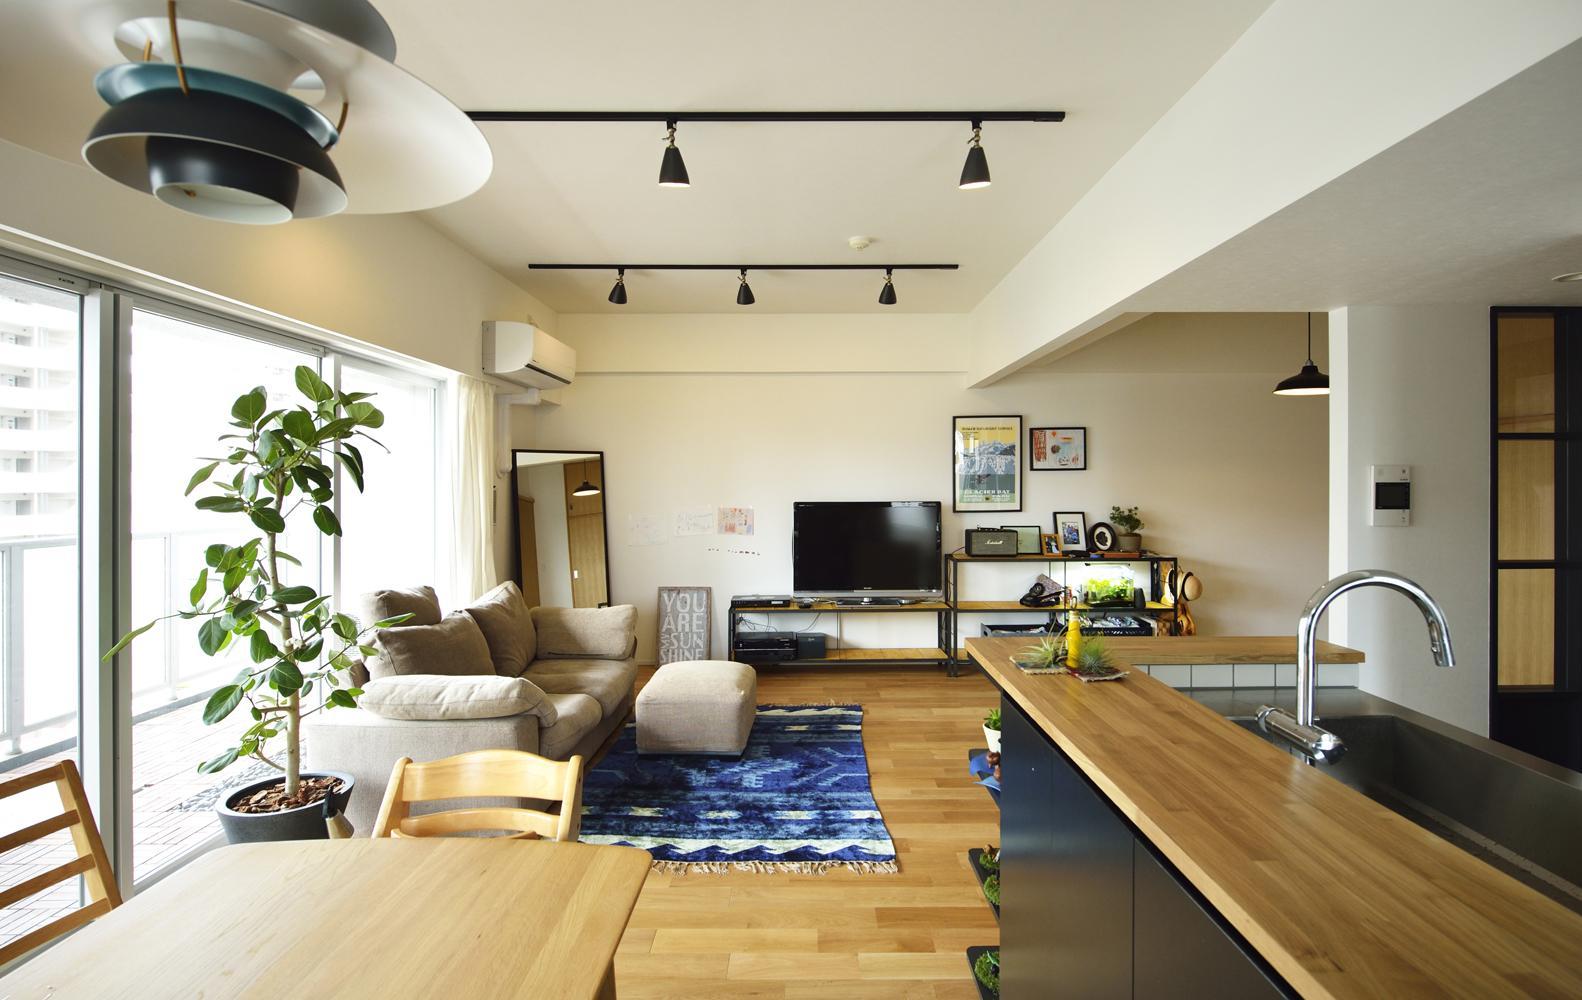 リノベーション・リフォーム会社:スタイル工房「N邸・素足が気もち良い 広々リビング」